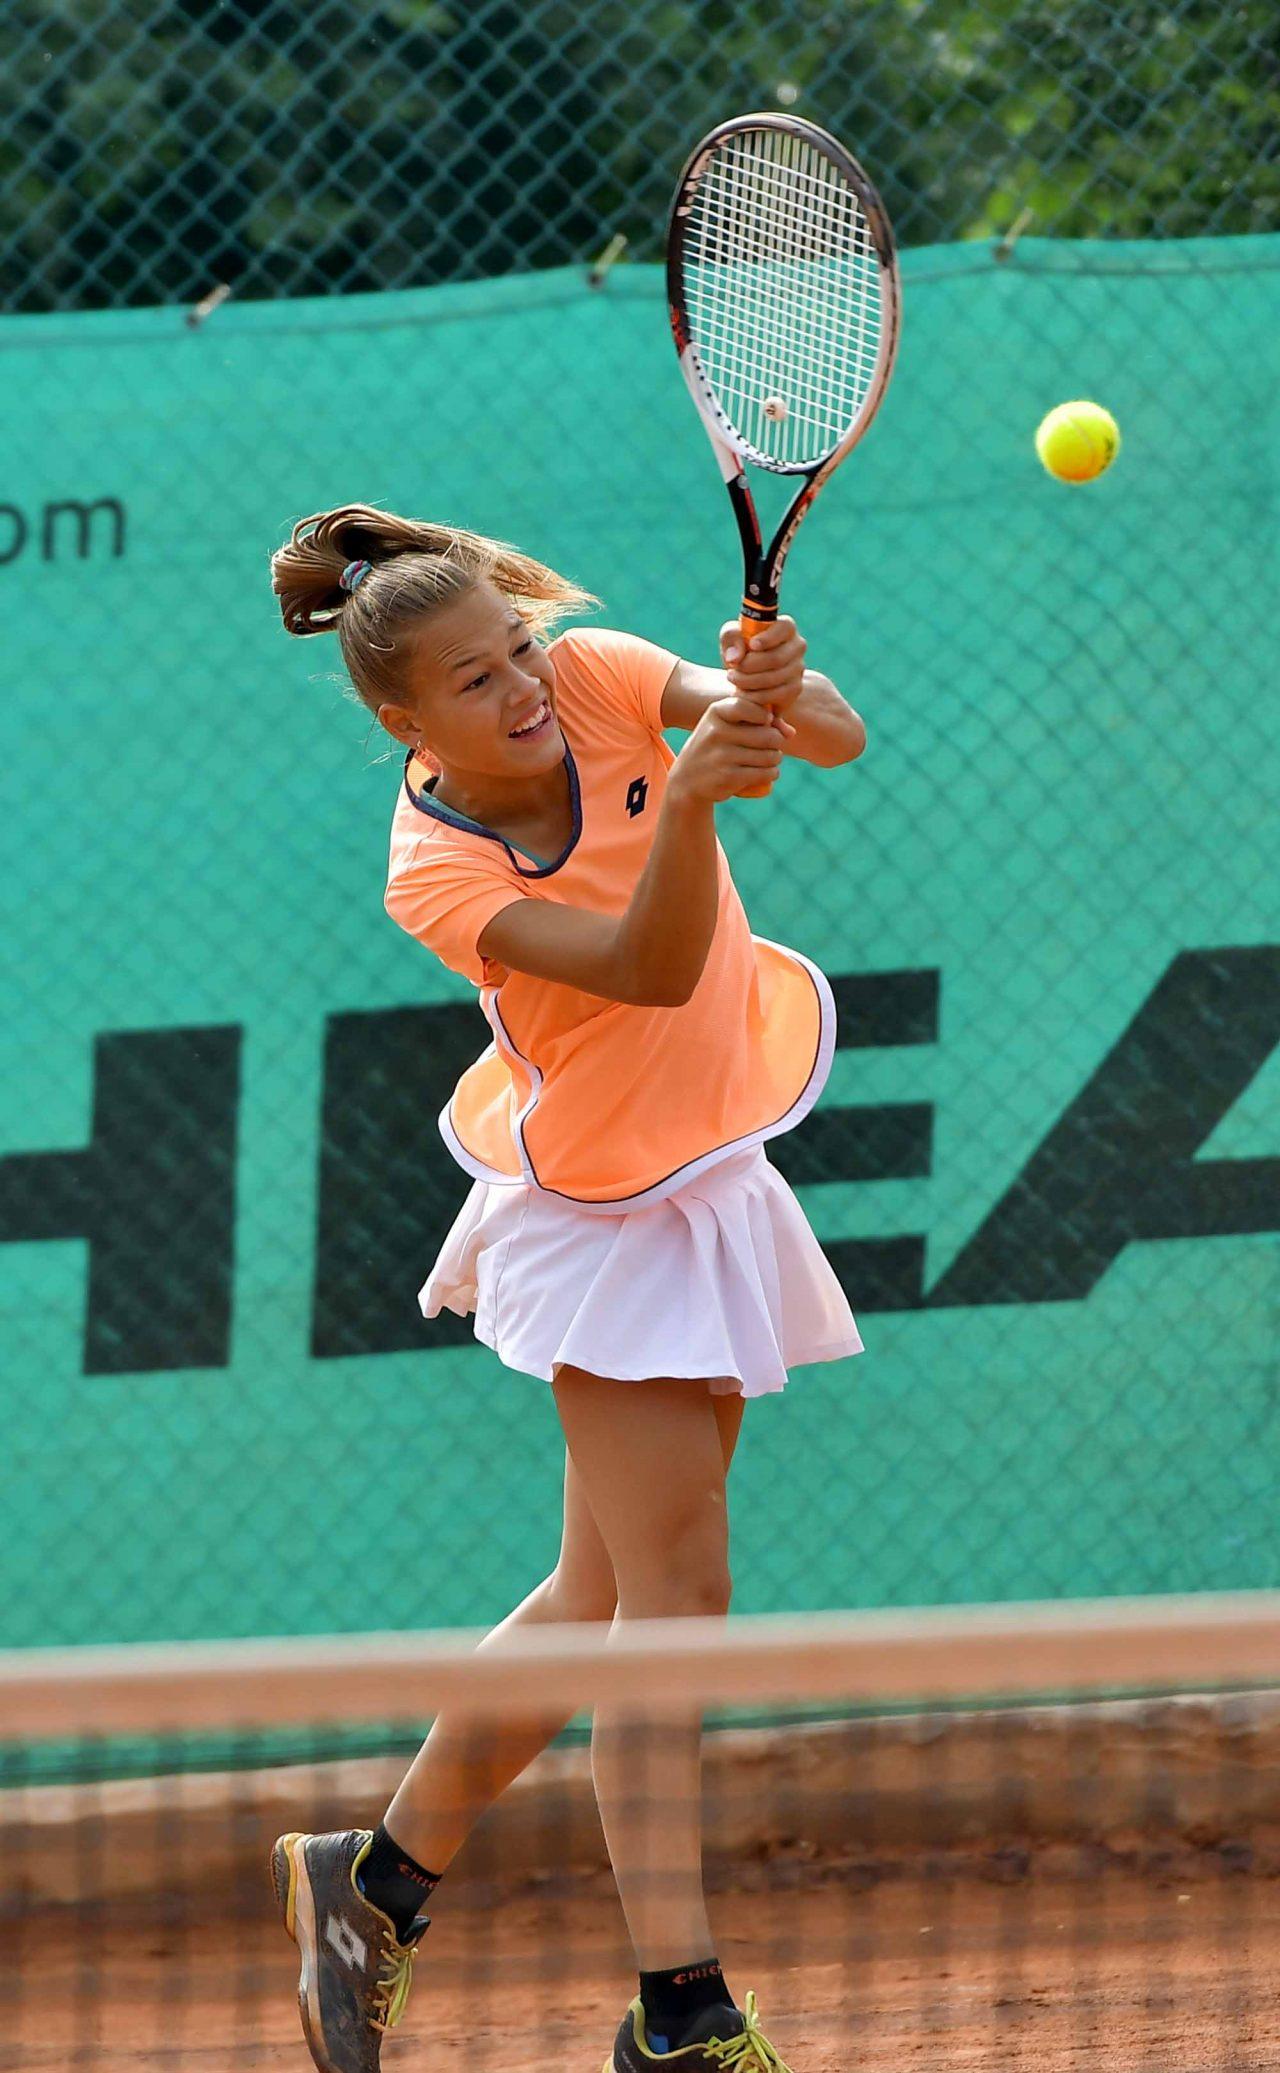 Държавно първенство тенис до 14 год. ТК 15-40 полуфинал (36)